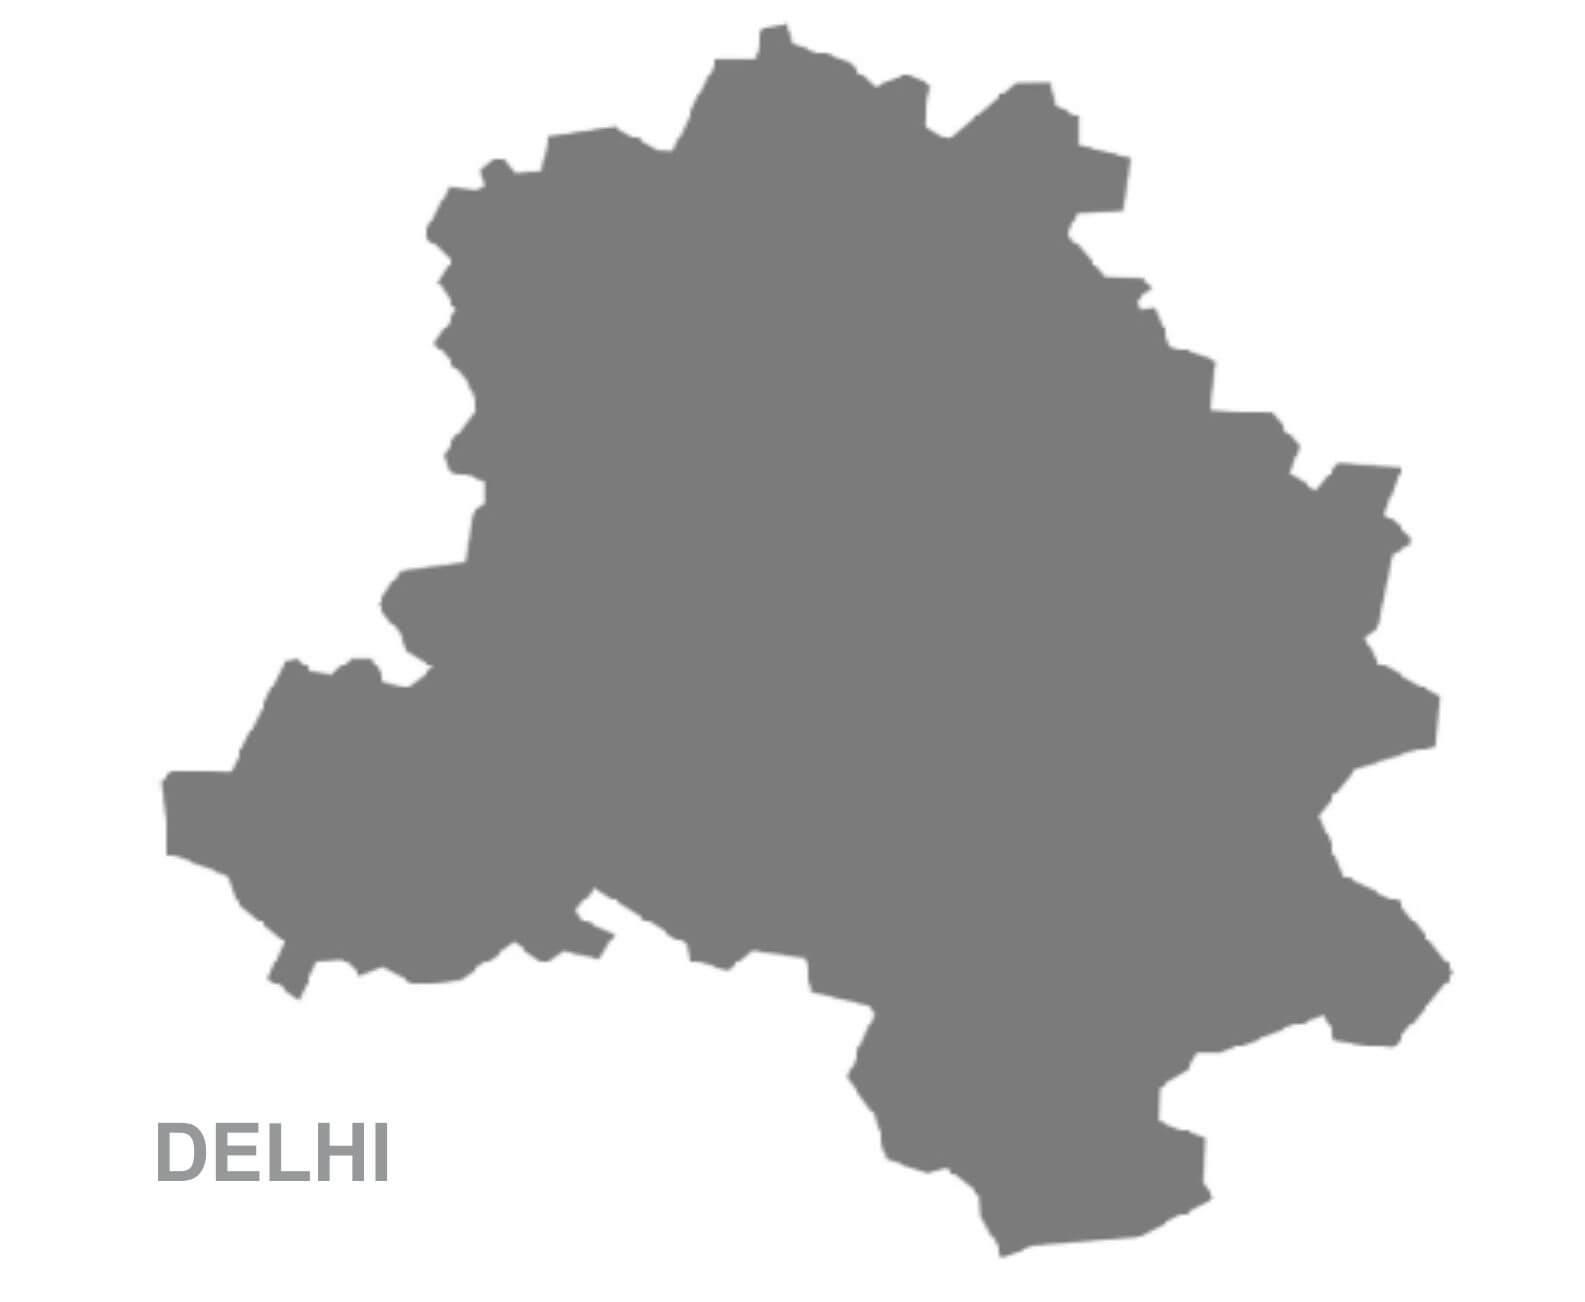 DELHI & NCR